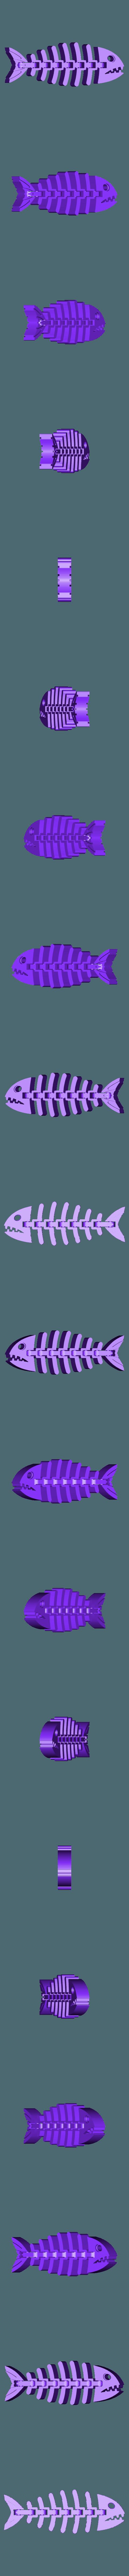 fish_fossilz.stl Download free STL file Fish Fossilz • 3D printing template, Muzz64